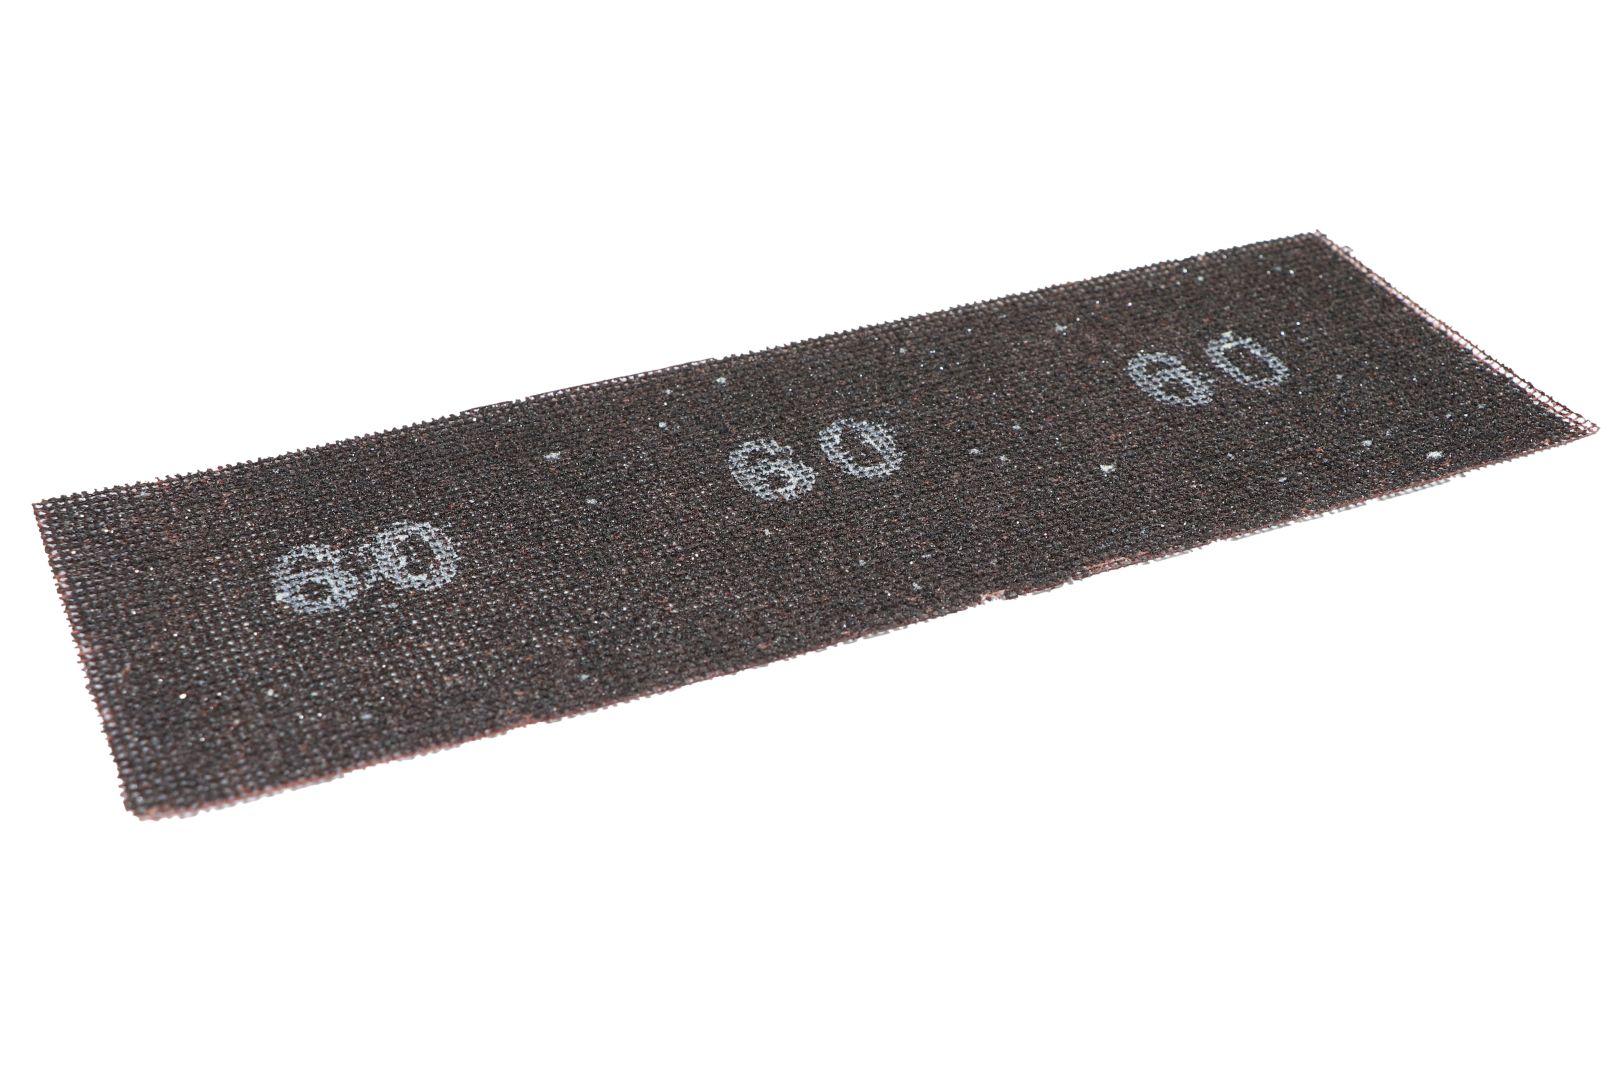 TRIUSO Schleifgitter für Gipskartonplatten, 95 x 280 mm, 10 Stück, K60